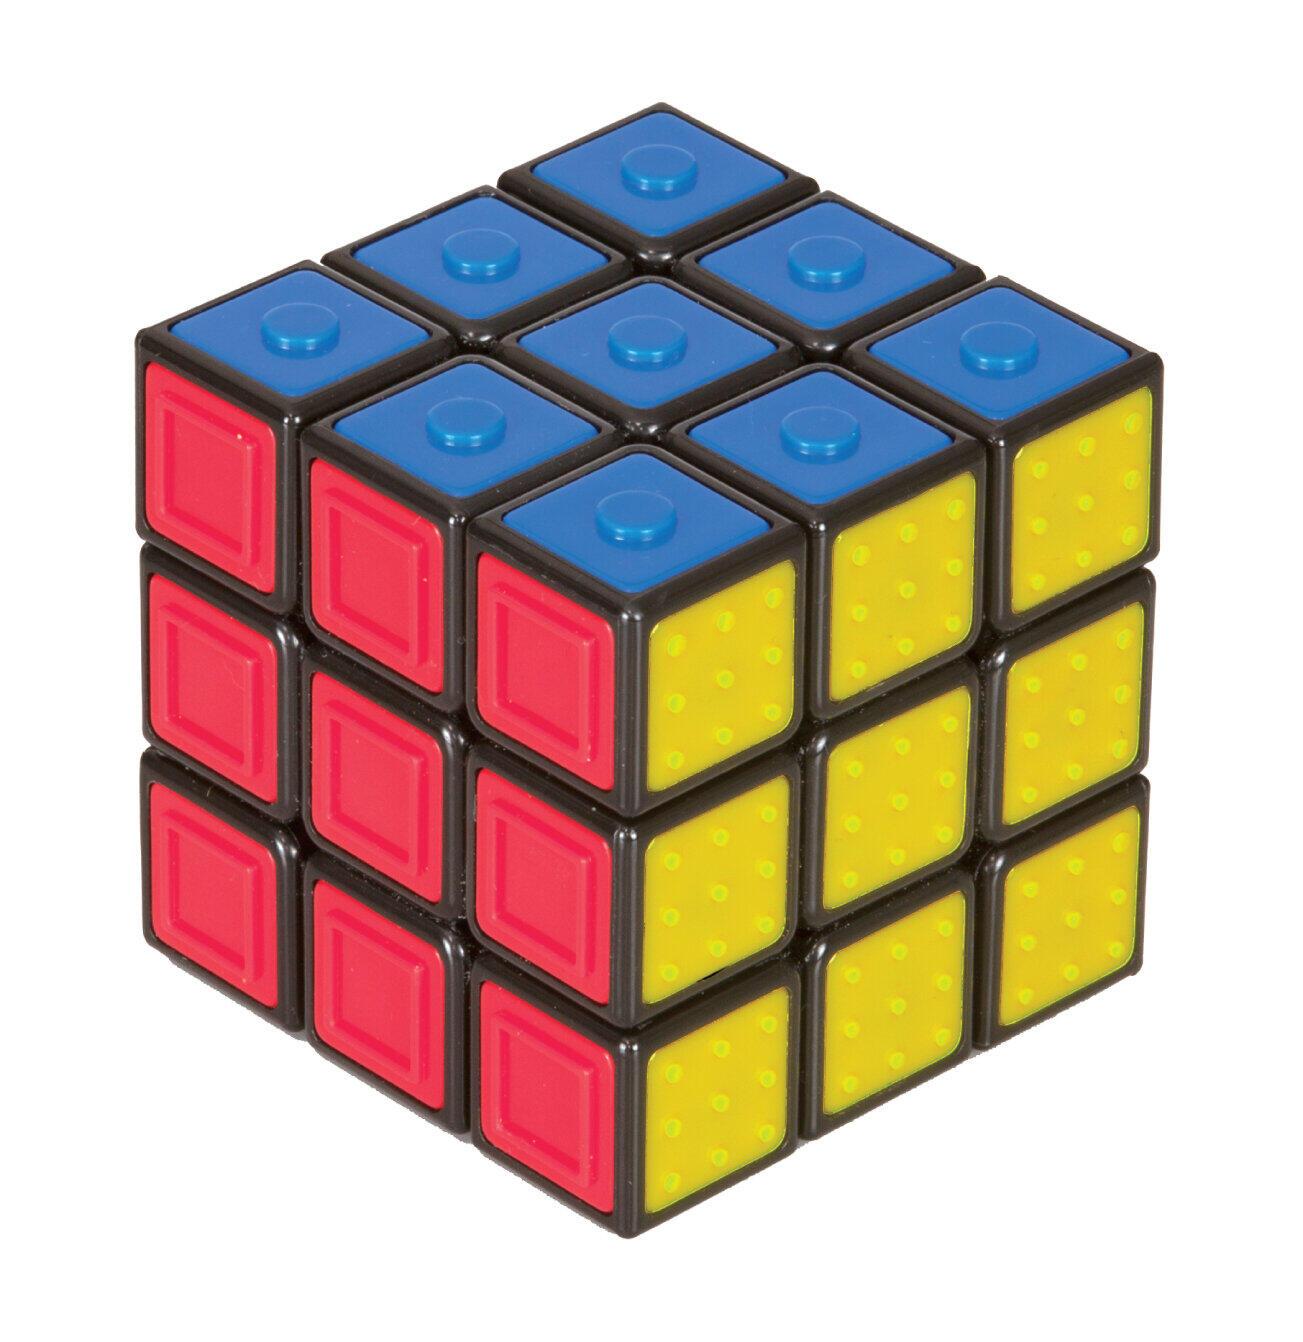 「ルービックキューブ」各面に凹凸 触った感覚で揃えられる